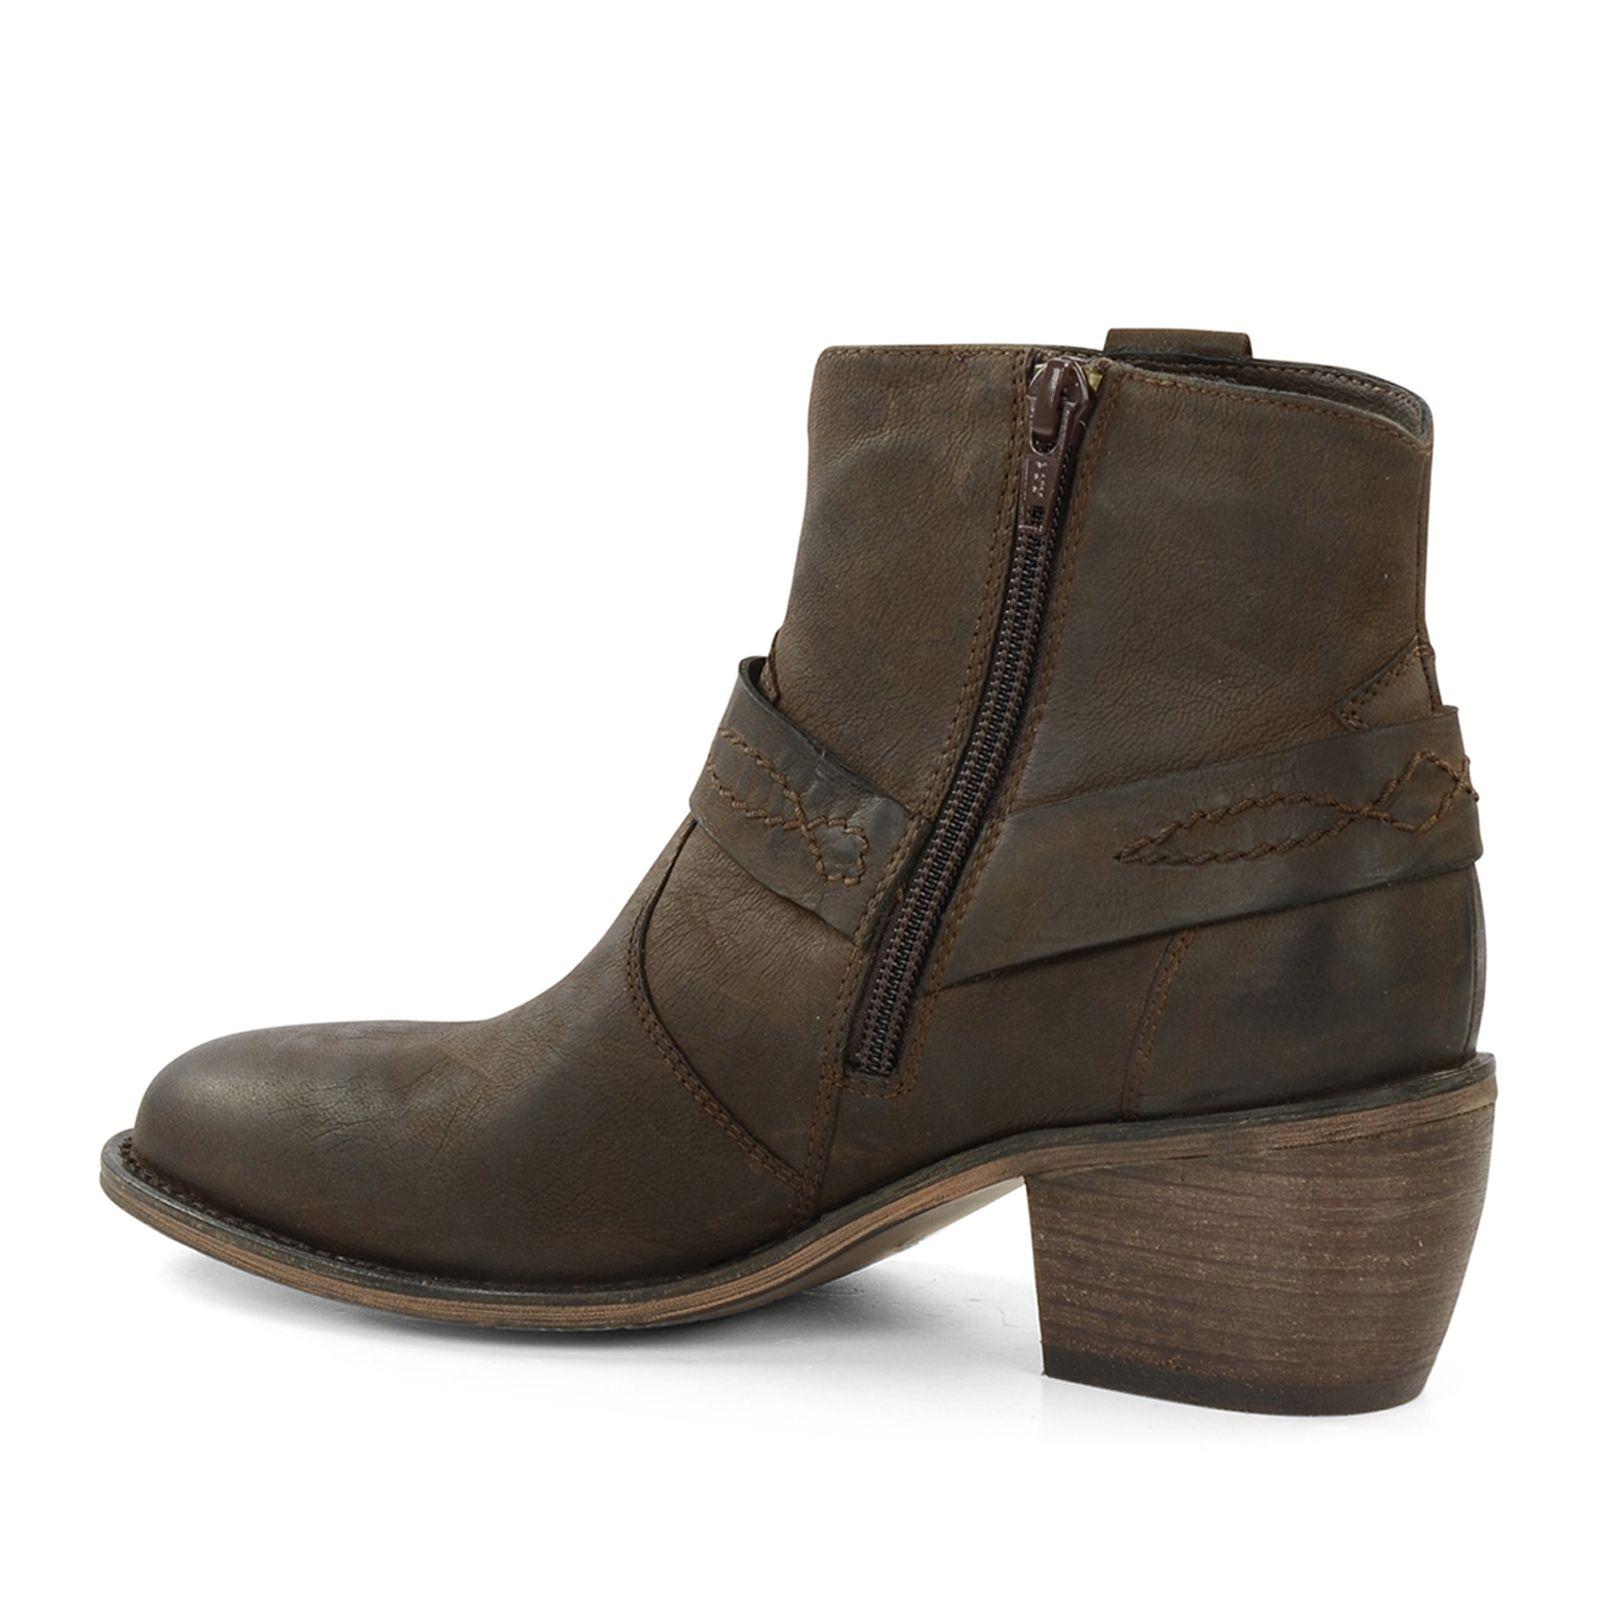 braune cowboy boots mit absatz damenschuhe. Black Bedroom Furniture Sets. Home Design Ideas